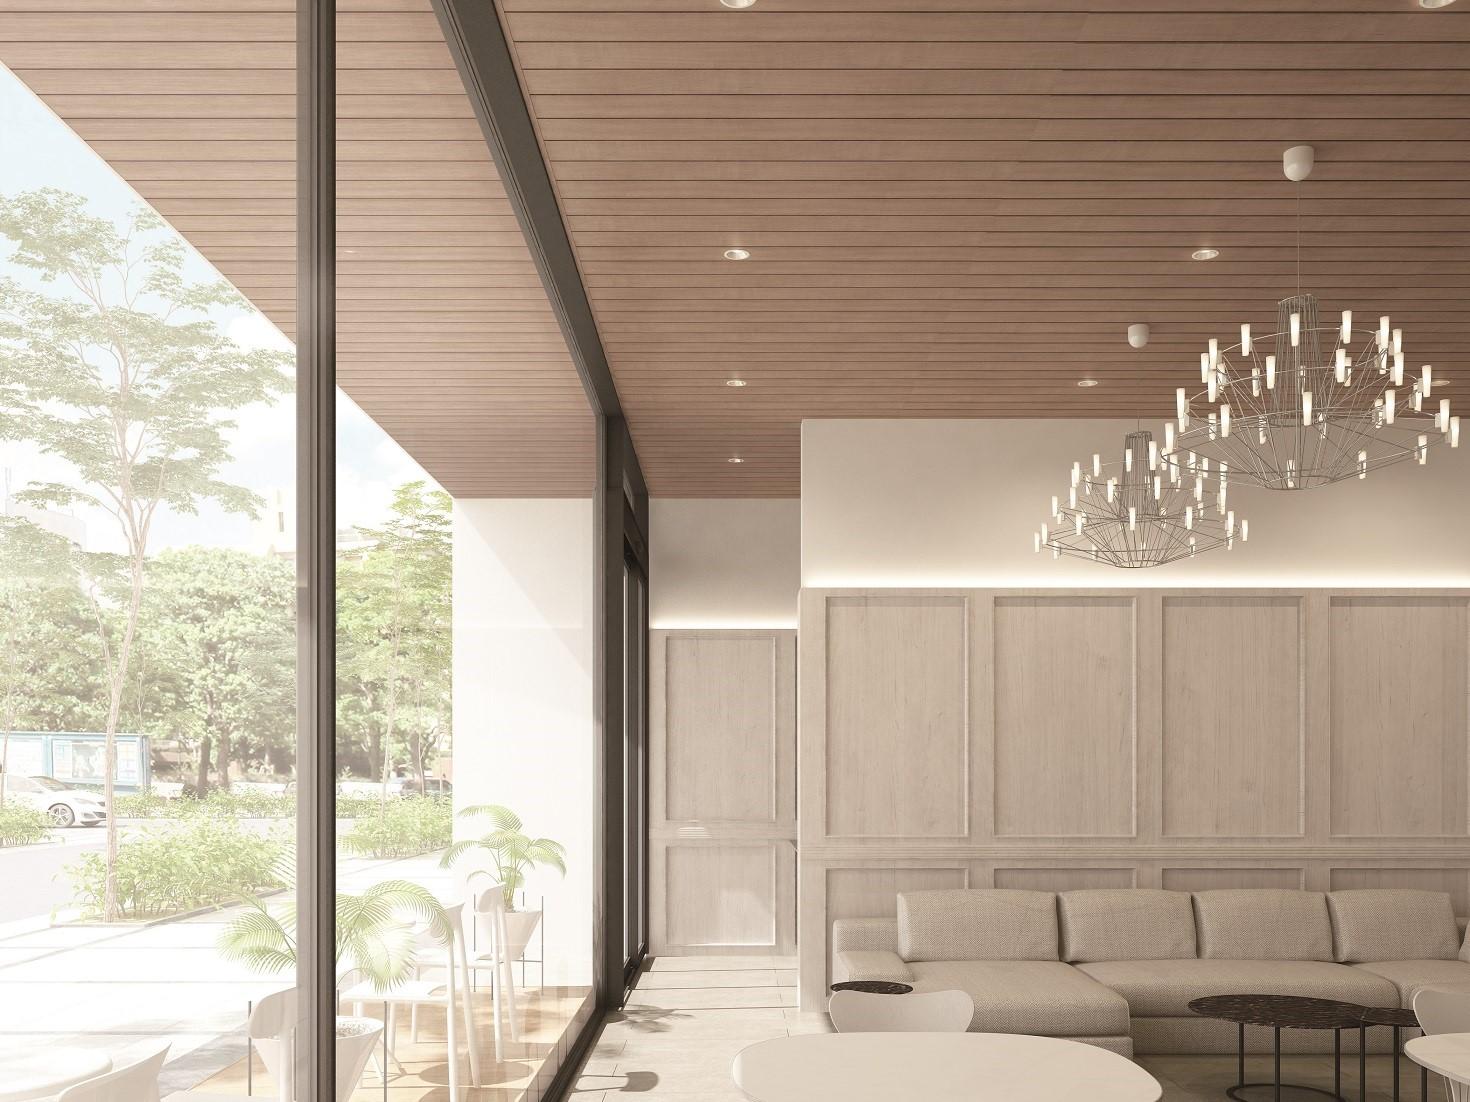 大建工業、内外空間がつながるダイライト基材の羽目板